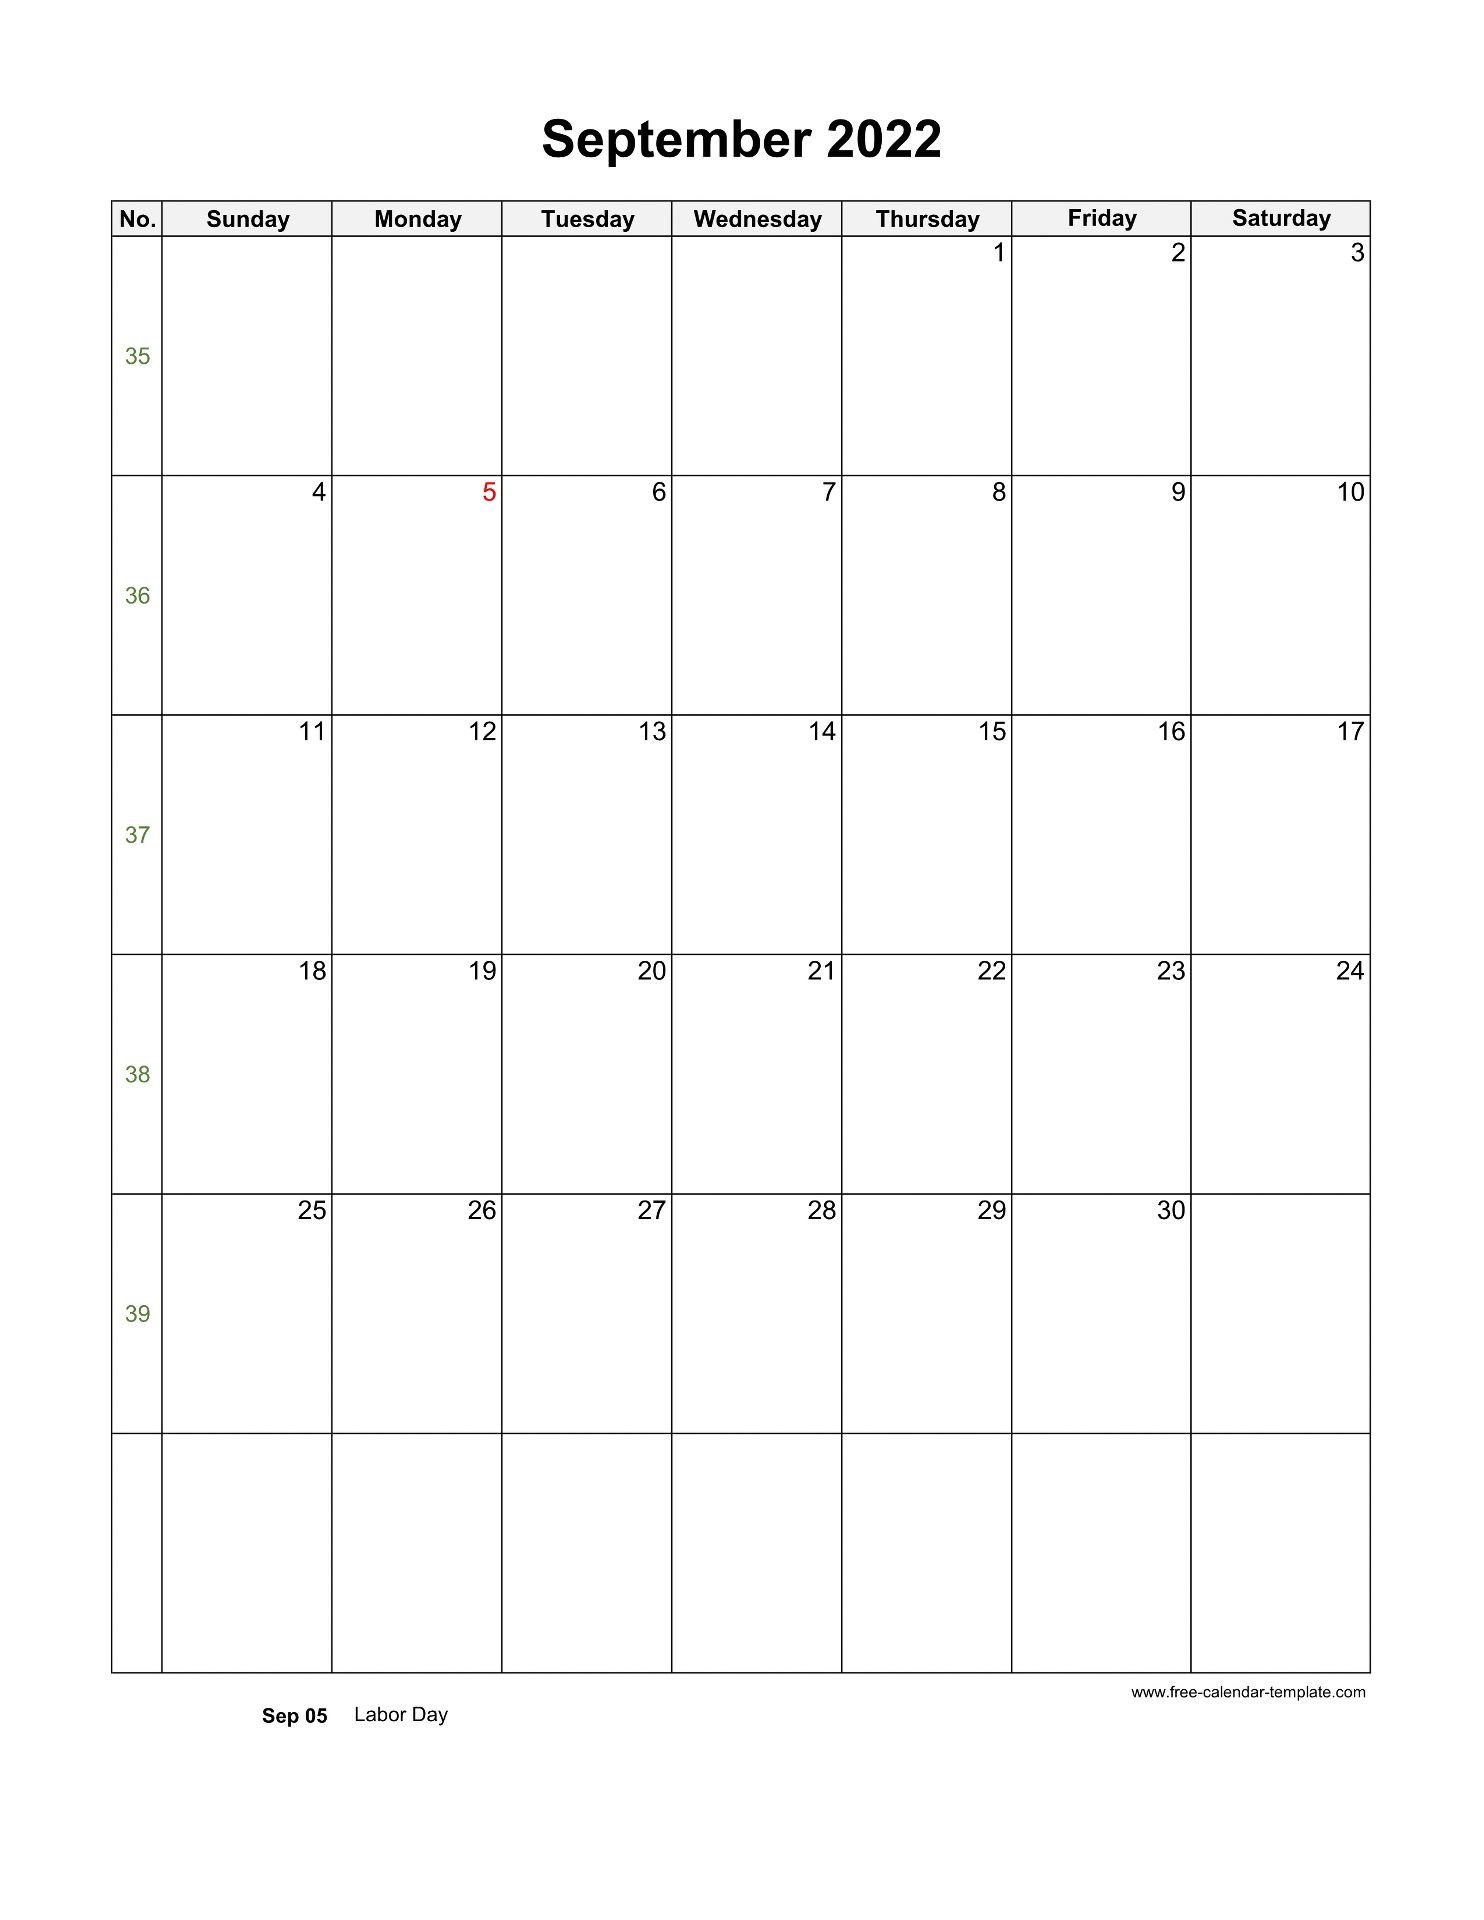 September 2022 Calendar Wallpaper.2022 September Calendar Blank Vertical Template Free Calendar Template Com